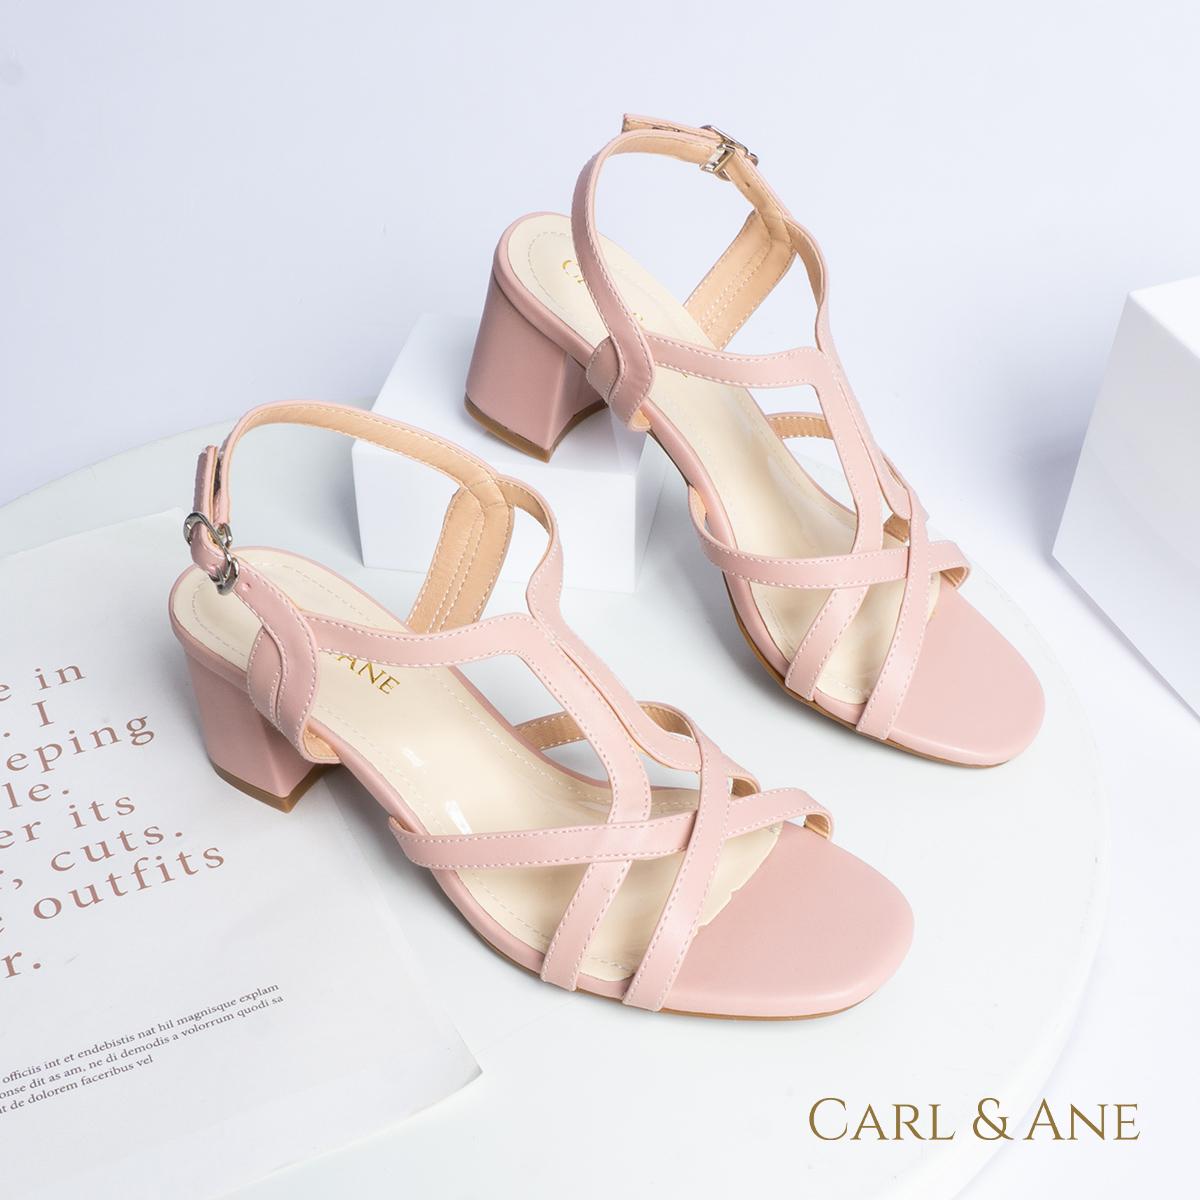 Gia y sandal phô i dây thời trang Erosska mu i vuông gót cao 5cm CS002 5